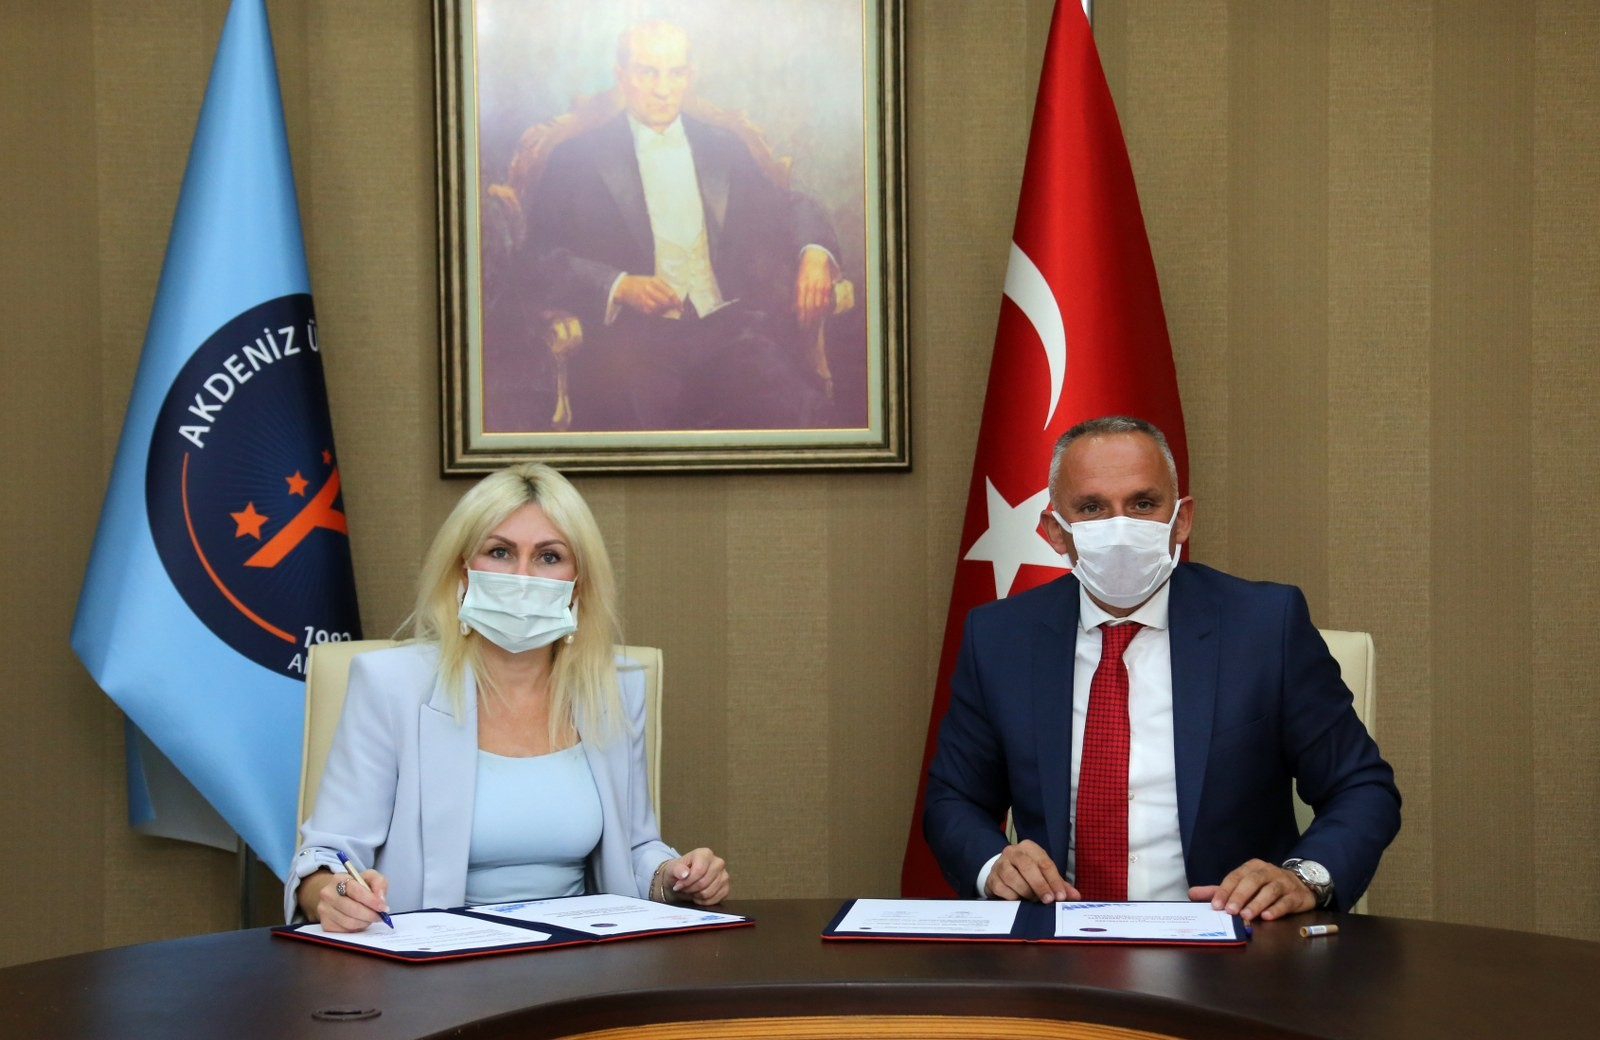 AÜ ile Gençlik ve Spor İl Müdürlüğü arasında 2 protokol imzalandı